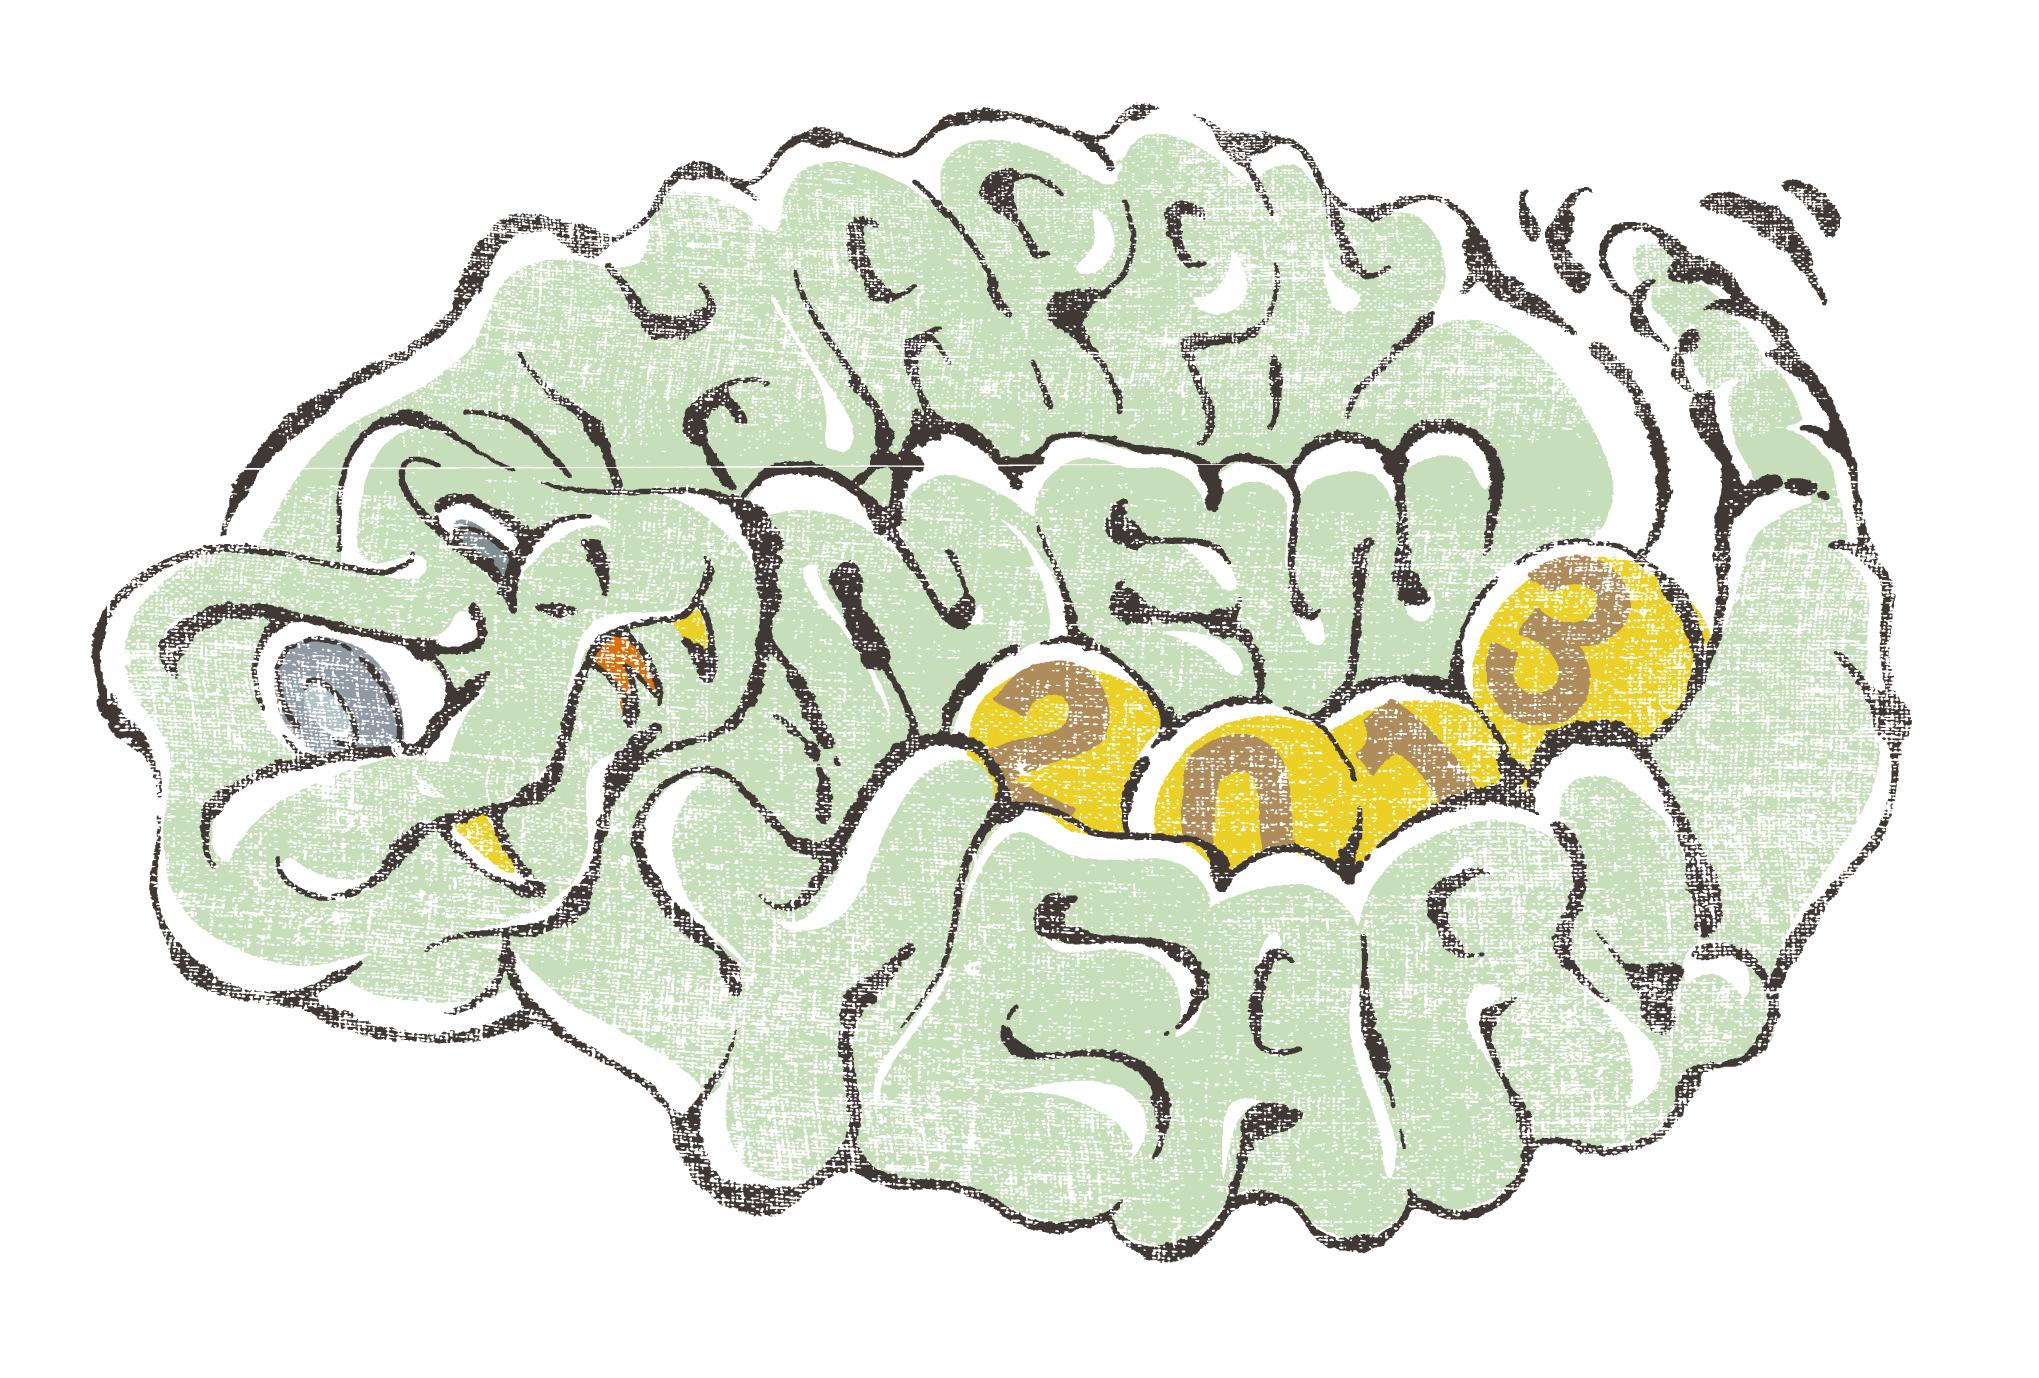 2013年賀状10-1:ガラガラヘビ / redraw 1のダウンロード画像